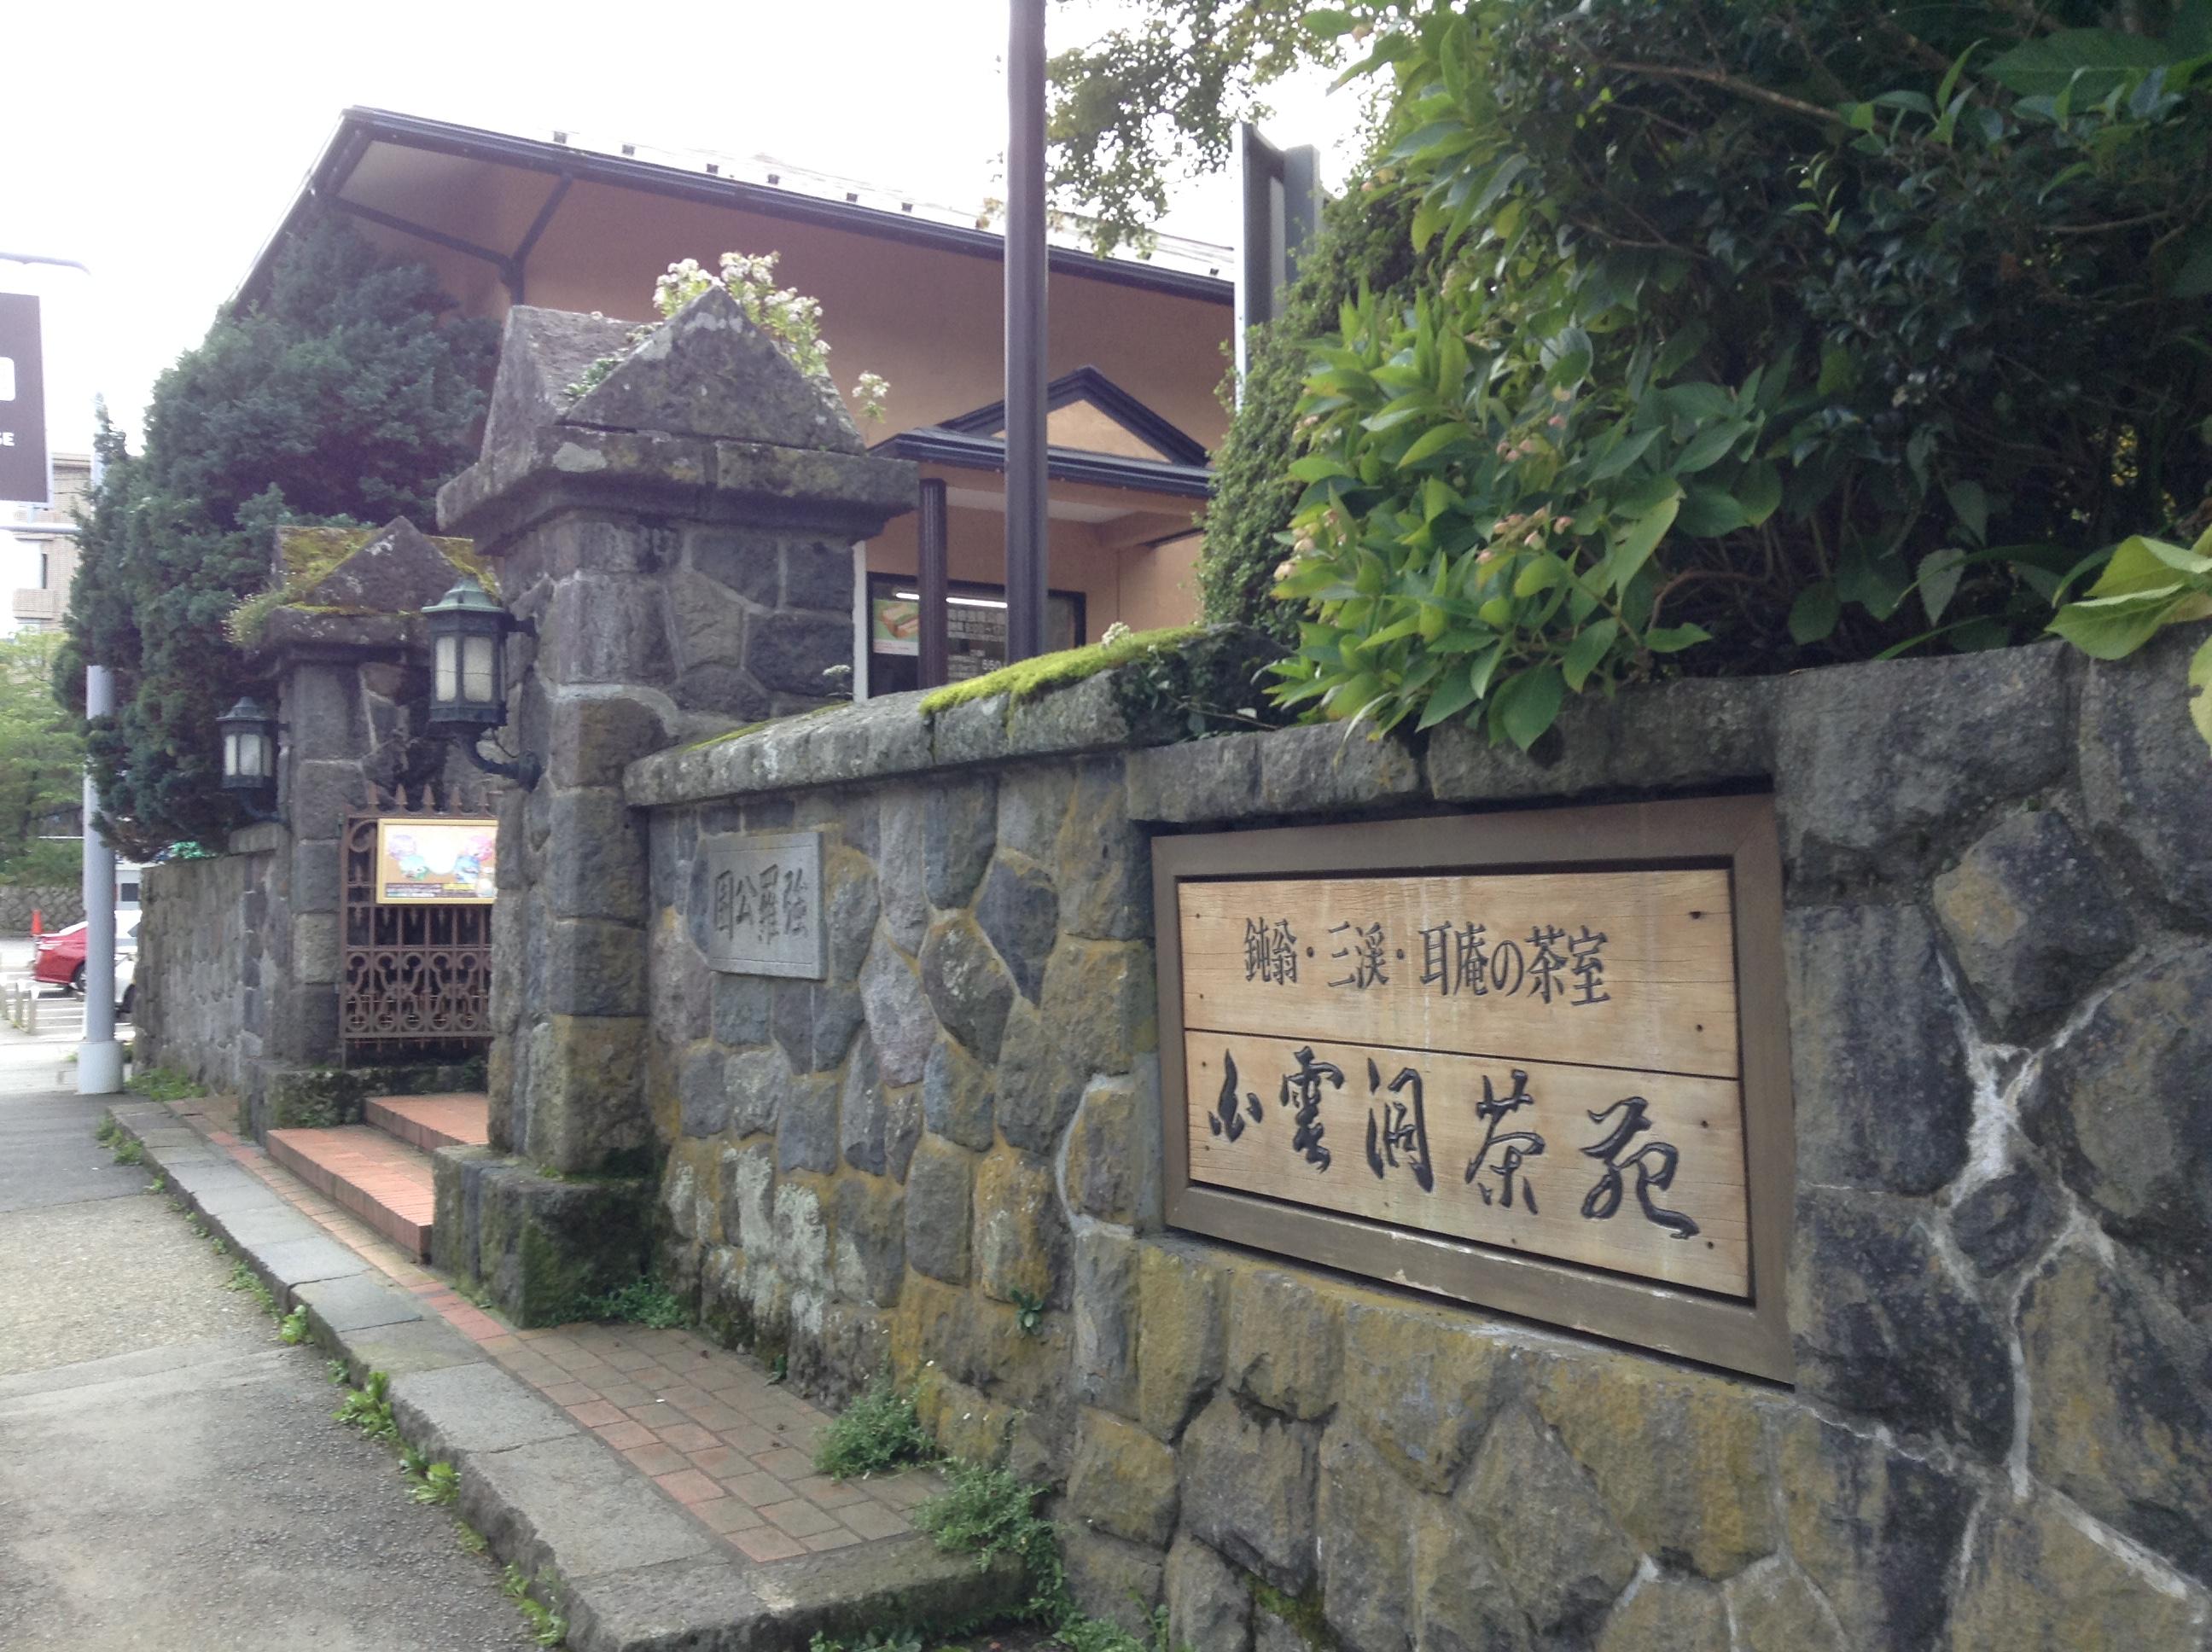 白雲洞茶苑@強羅公園 – 貓にまた旅